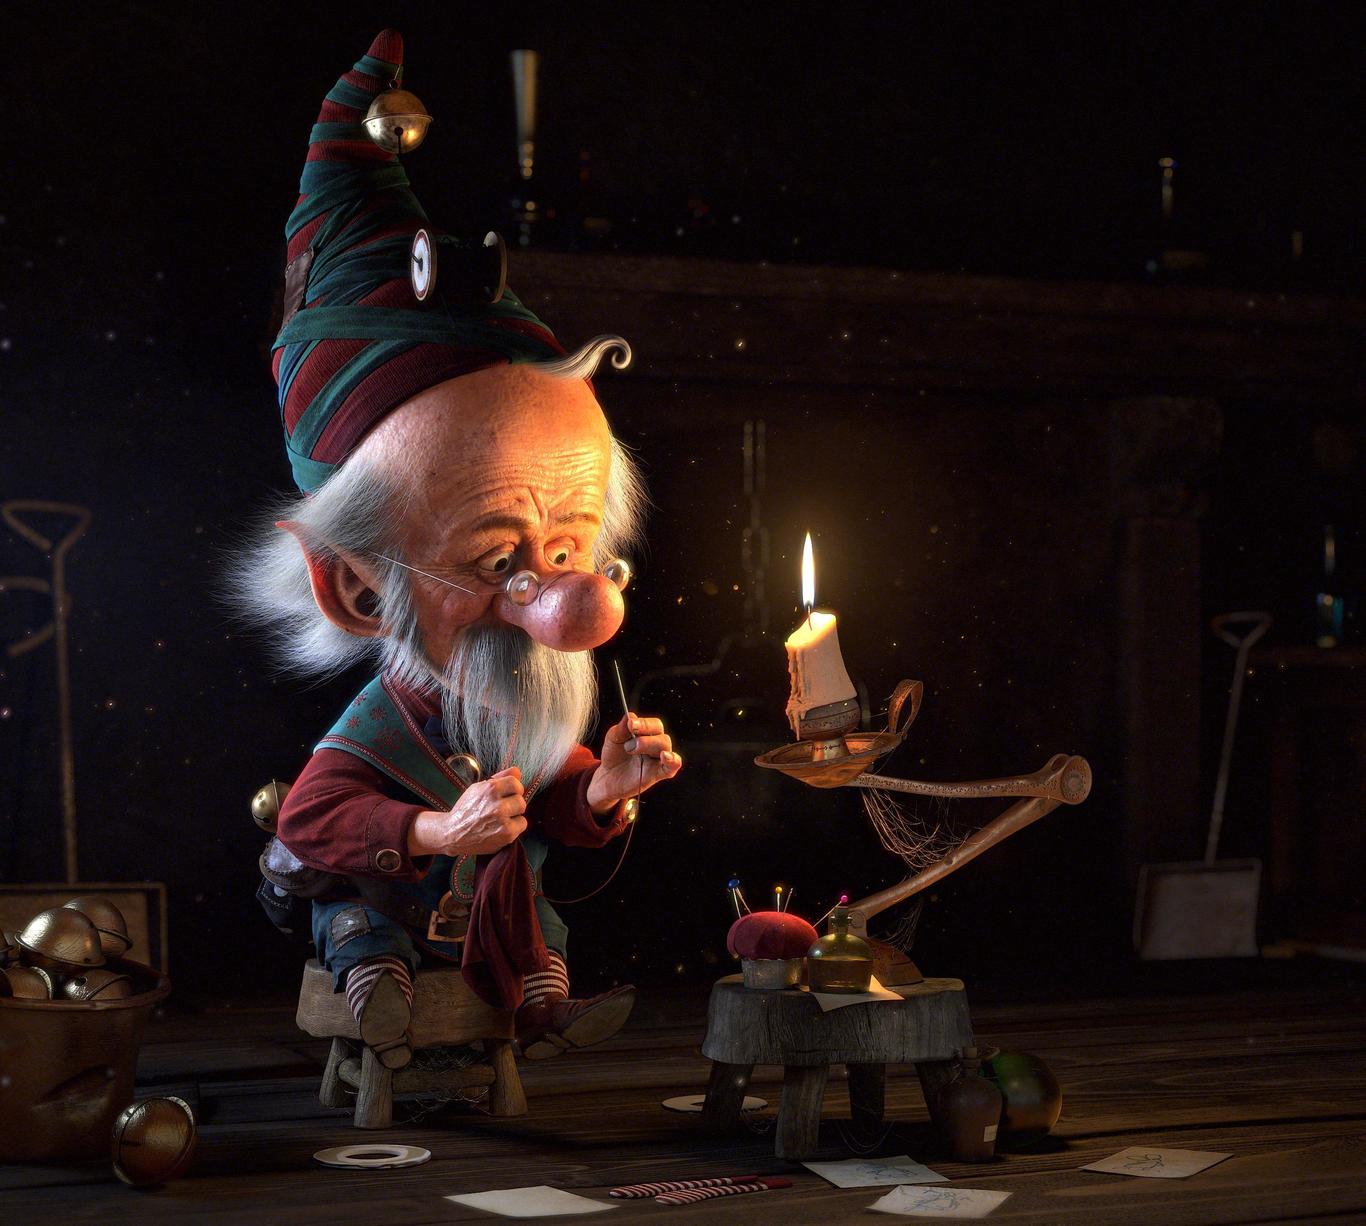 Camilor little christmas elf 1 172611e5 jb8y